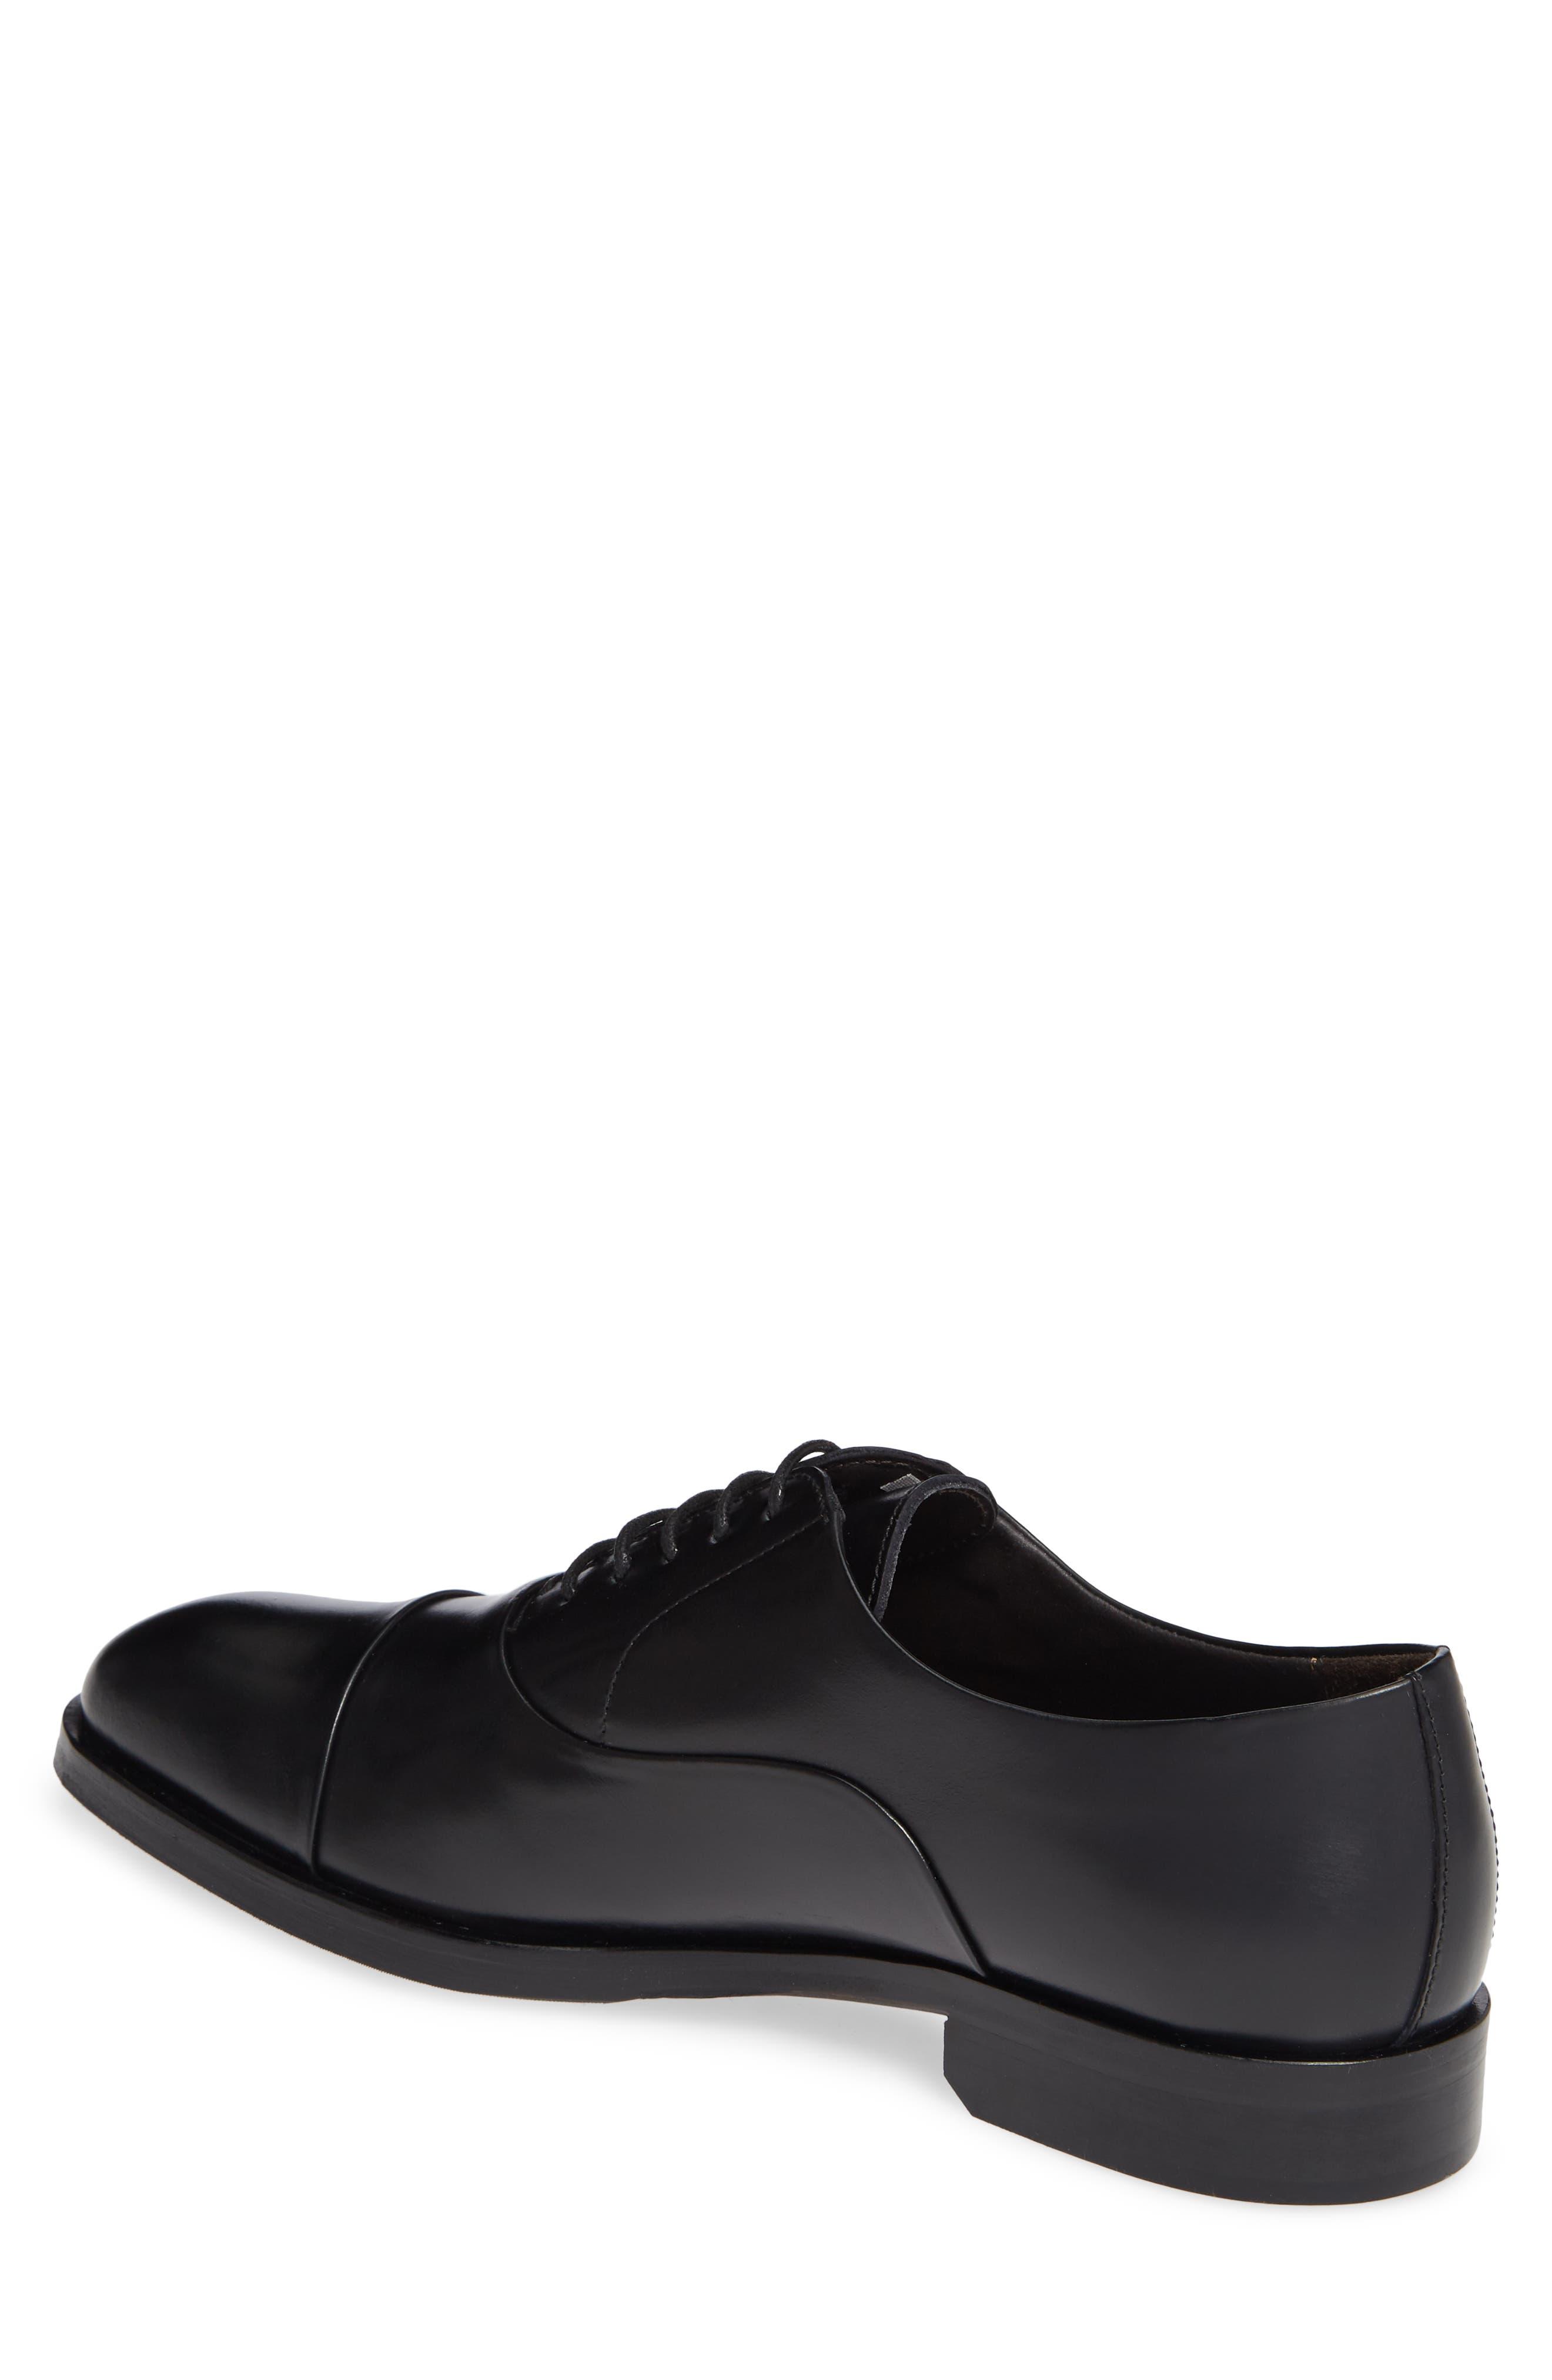 Hudson Cap Toe Oxford,                             Alternate thumbnail 2, color,                             BLACK LEATHER